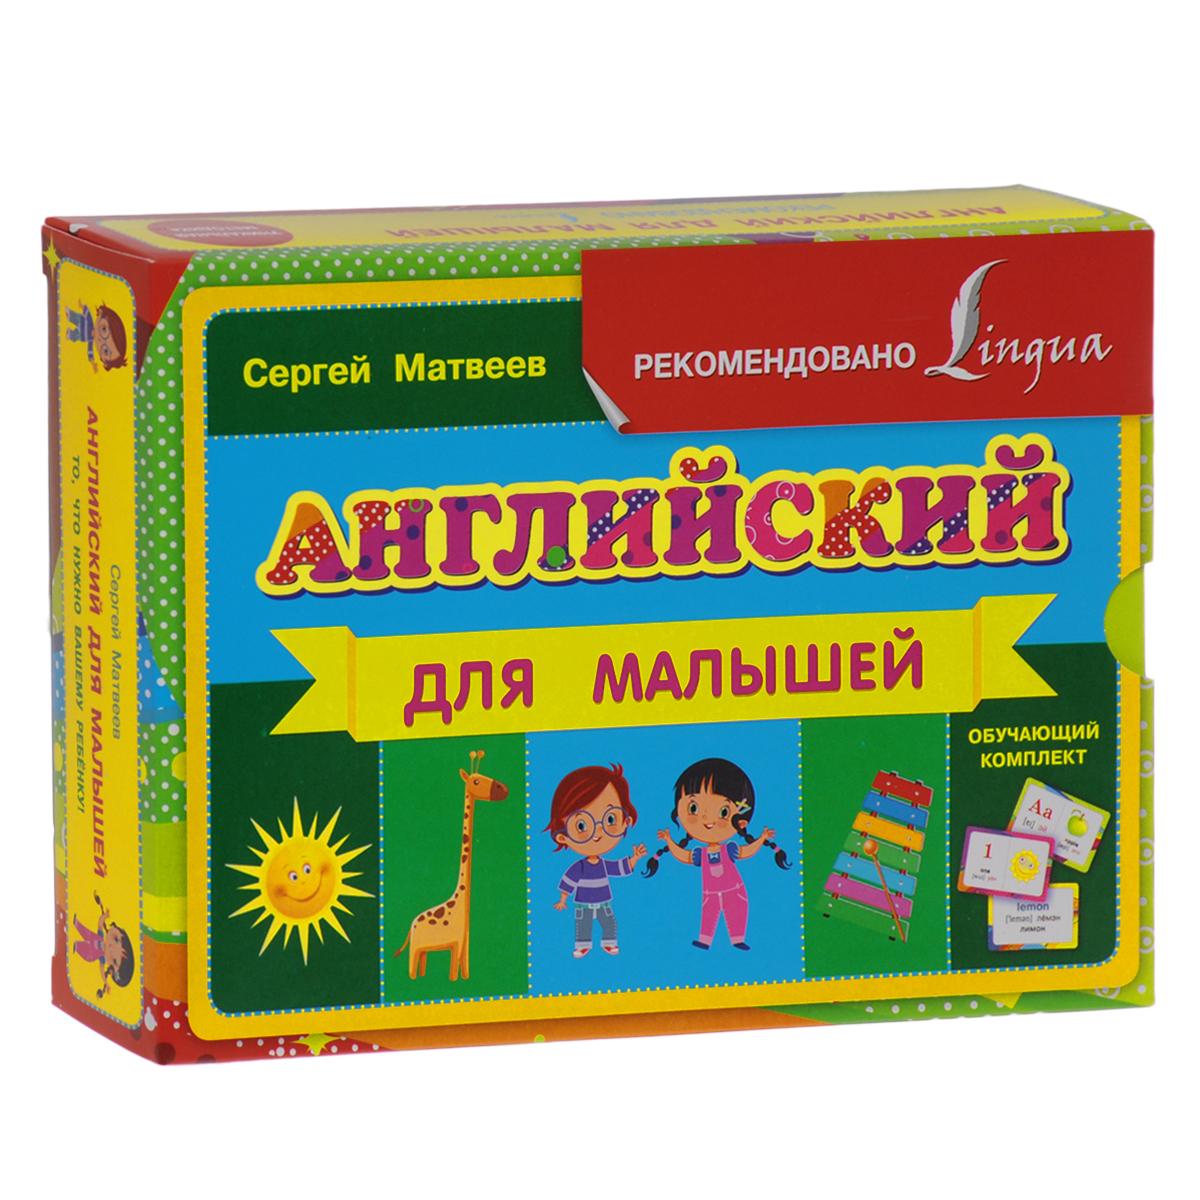 Английский для малышей. Обучающий комплект